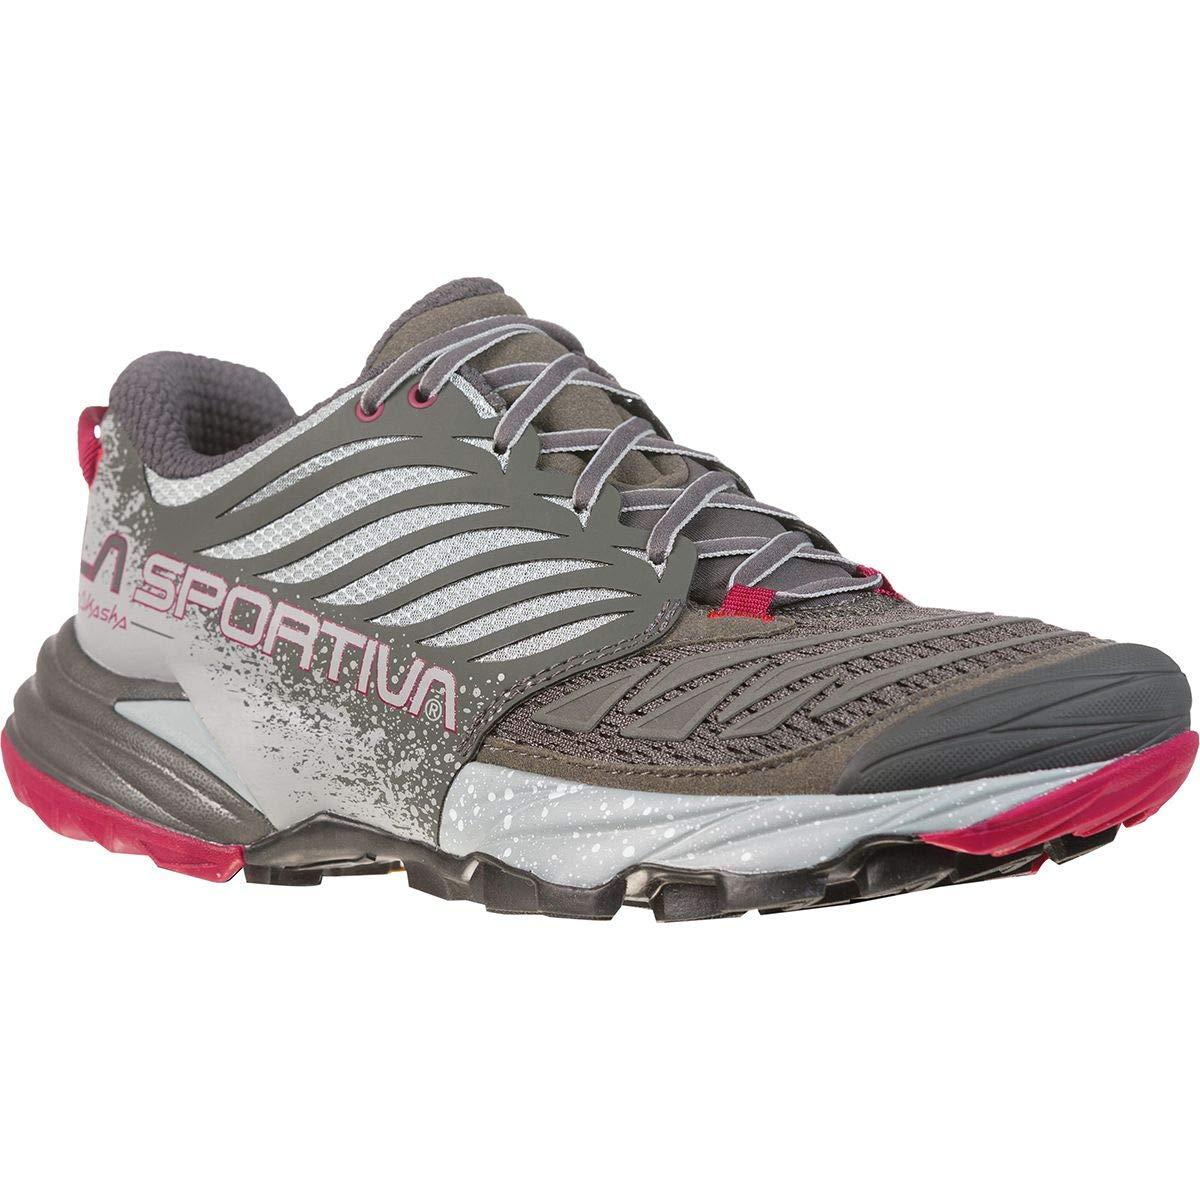 【中古】 [ラスポルティバ] Akasha レディース ランニング Akasha Trail Running 37.5 Shoe ランニング [並行輸入品] B07NZMWQ3N 37.5, 【アウトレット☆送料無料】:9d264f1f --- pardeshibandhu.com